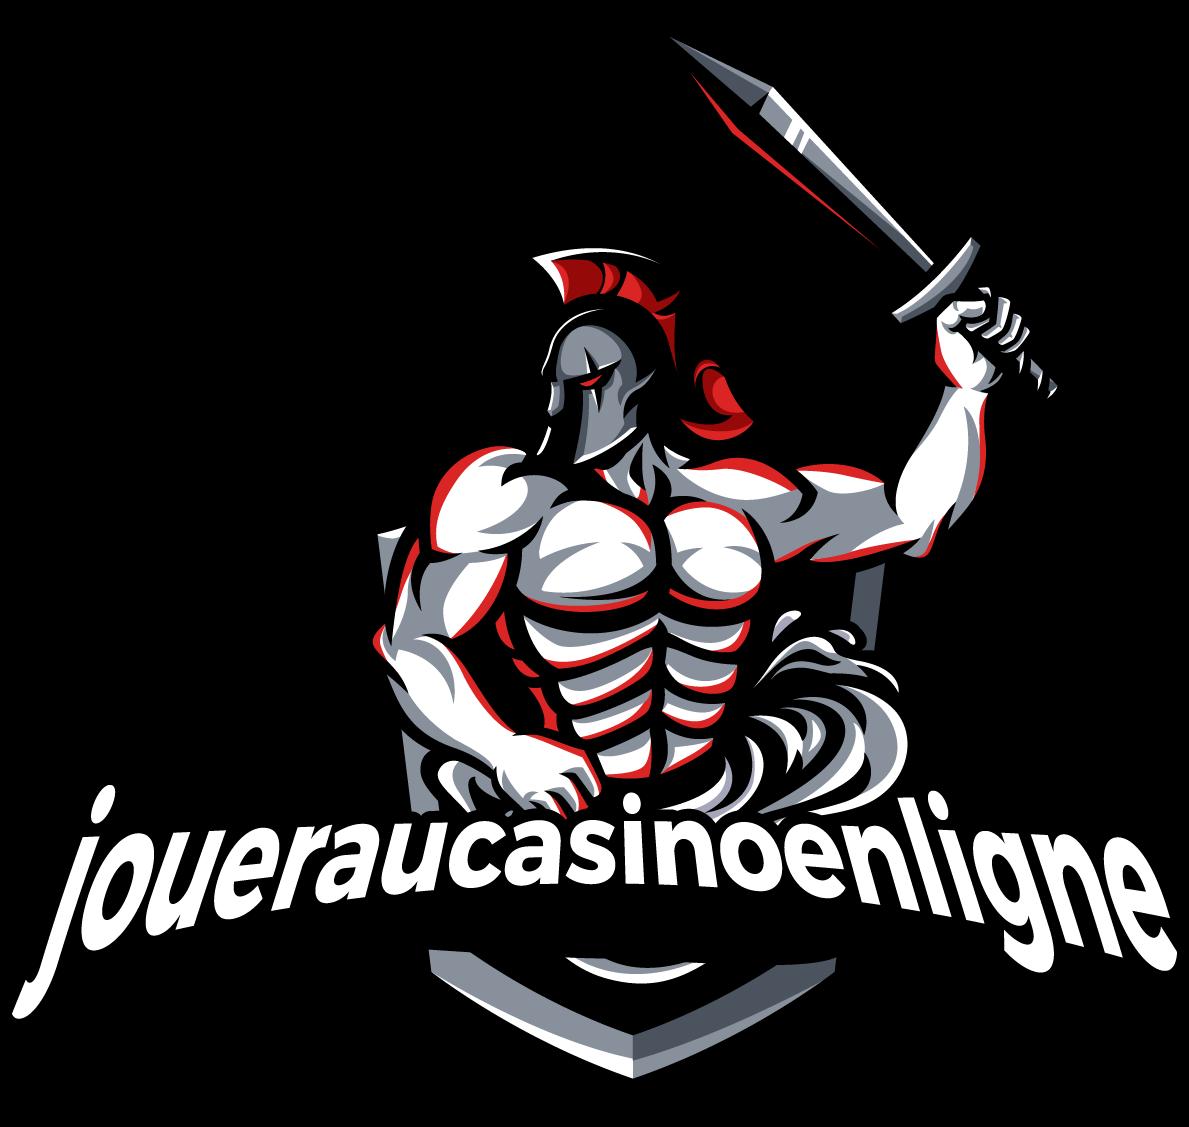 Joueraucasinoenligne.ch